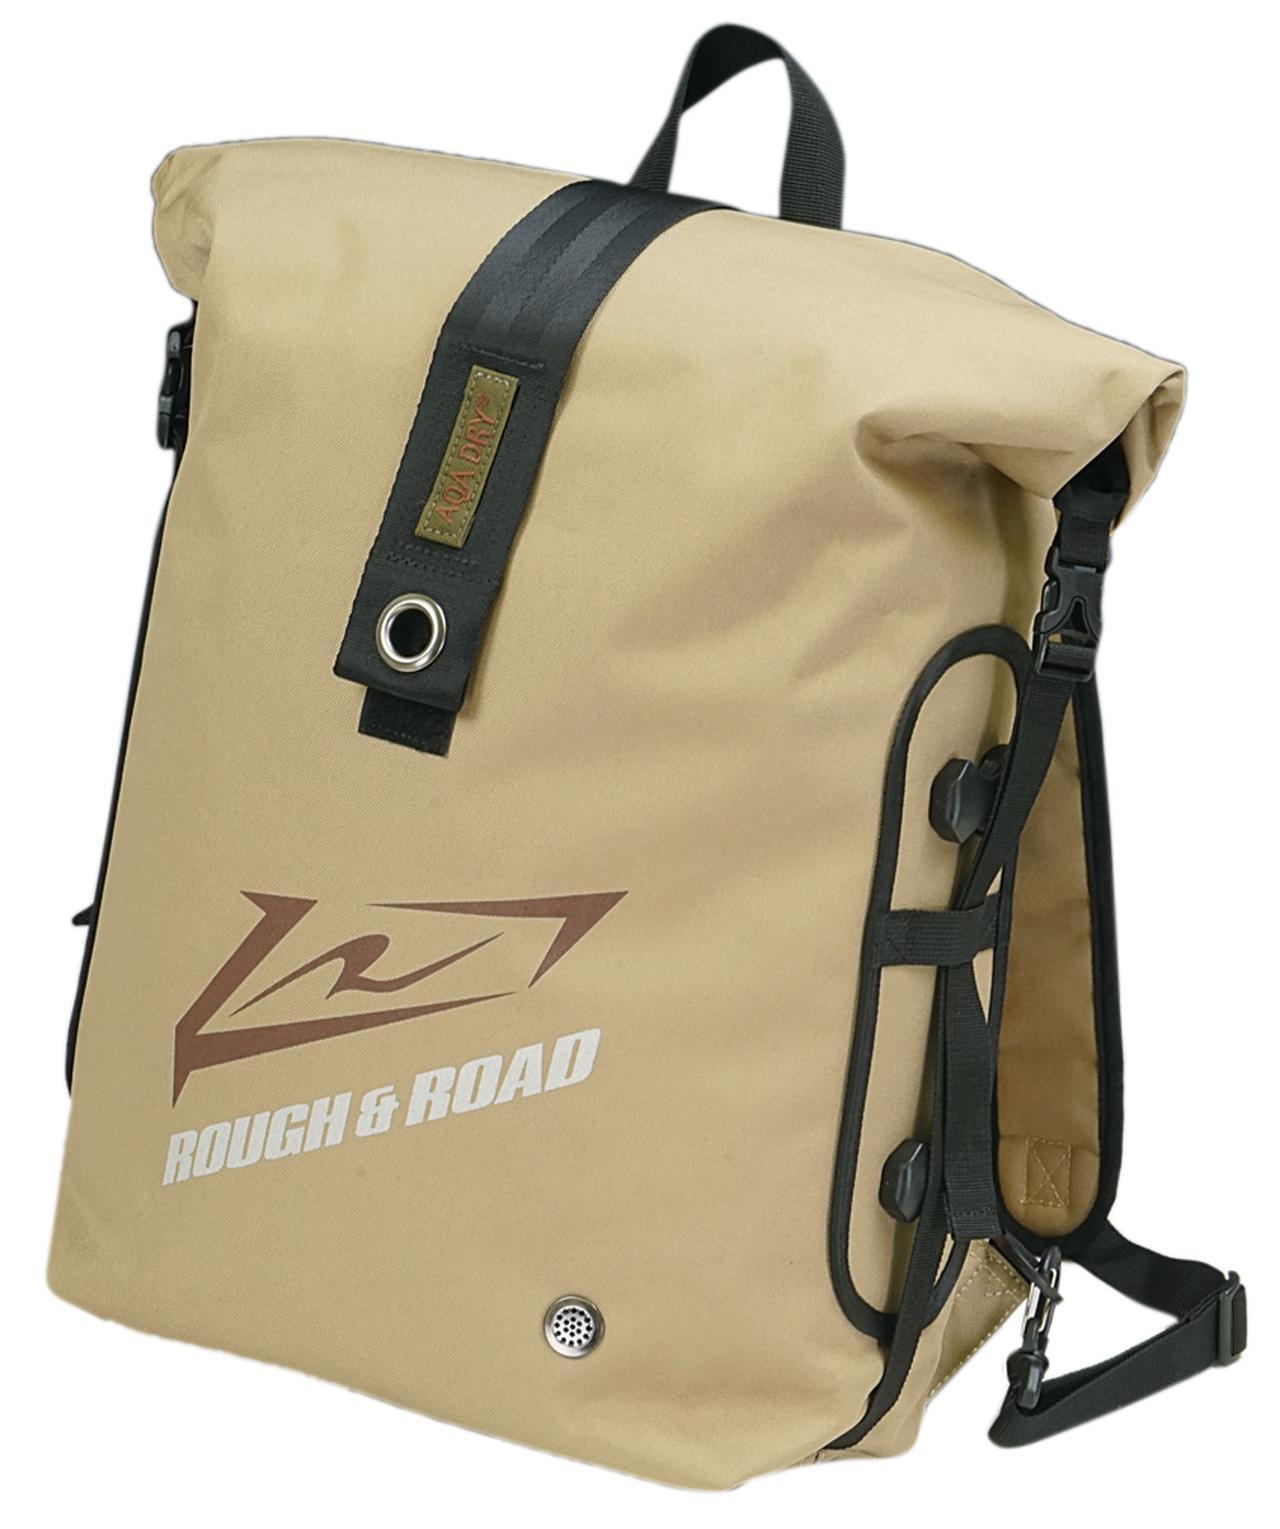 画像4: 防水リュック?防水シートバッグ?正解は両方です! コスパ良好、便利なバイク用防水バッグがラフ&ロードから新登場